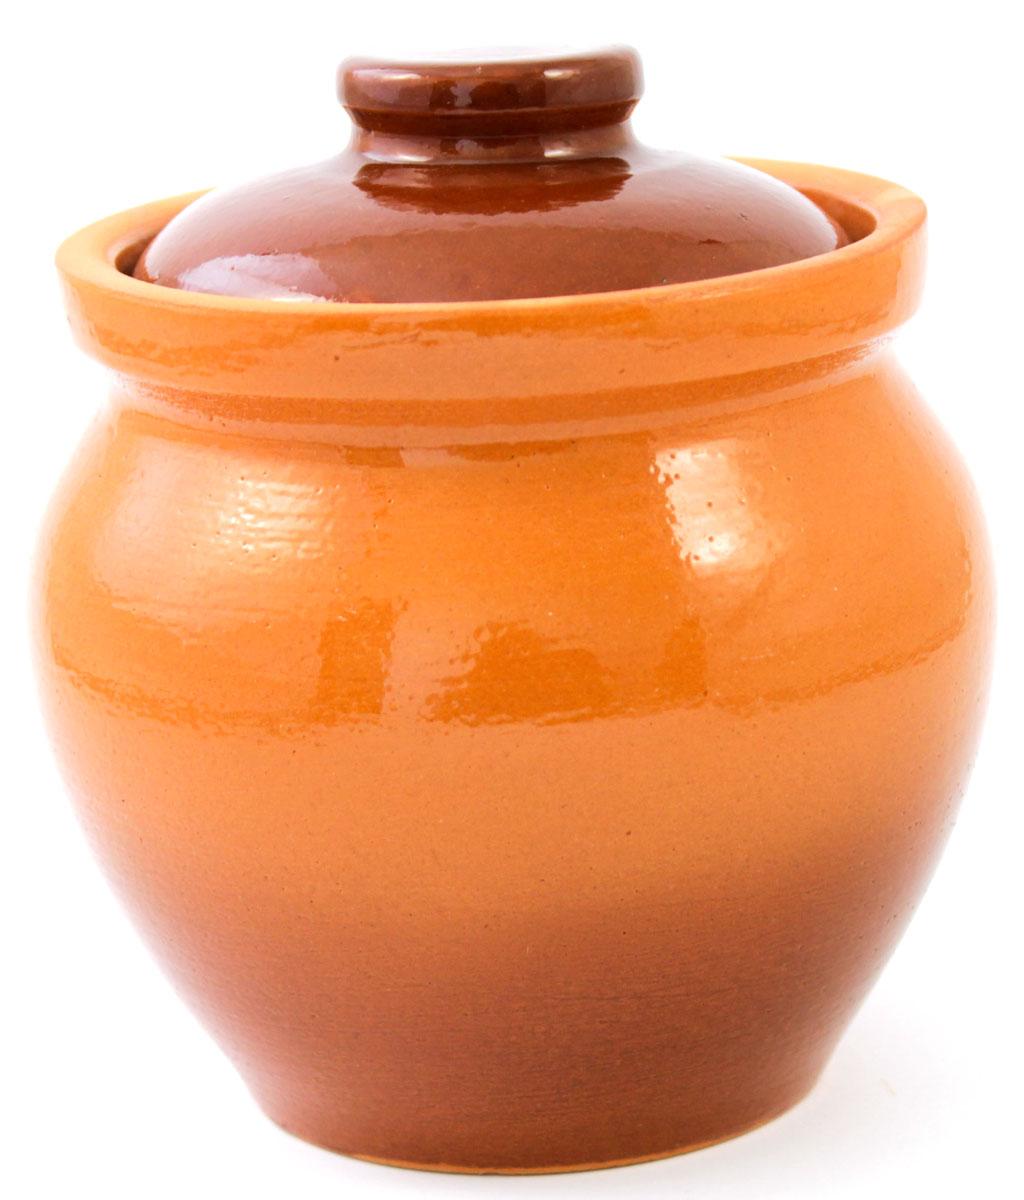 Горшочек традиционный Ломоносовская керамика, 0,6 л. 1Г3-61Г3-6